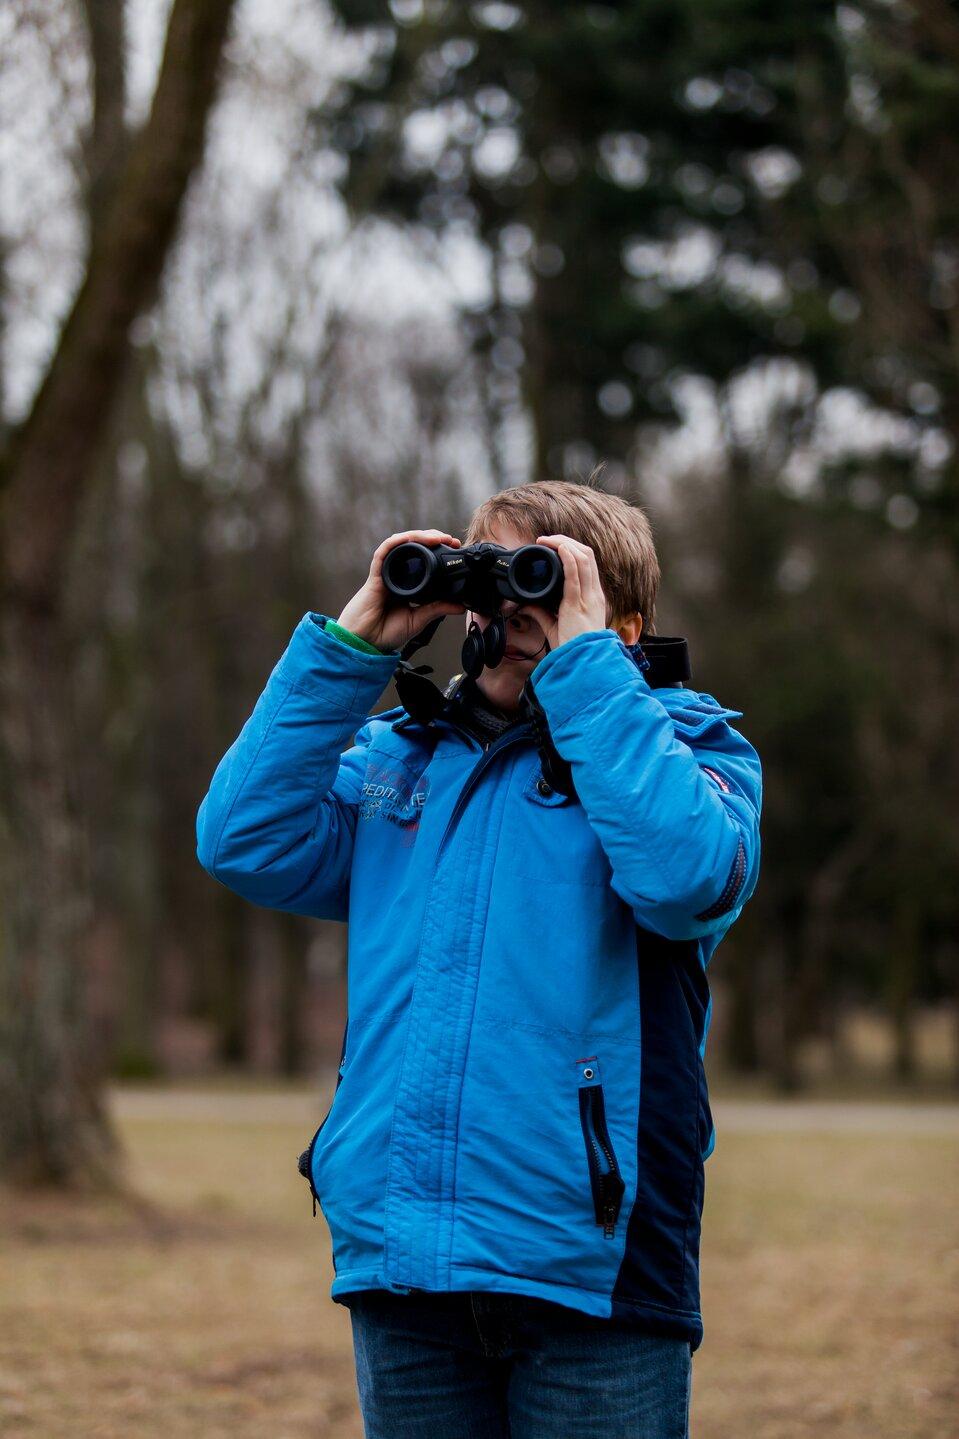 Fotografia młodego człowieka wterenie patrzącego przez lornetkę.